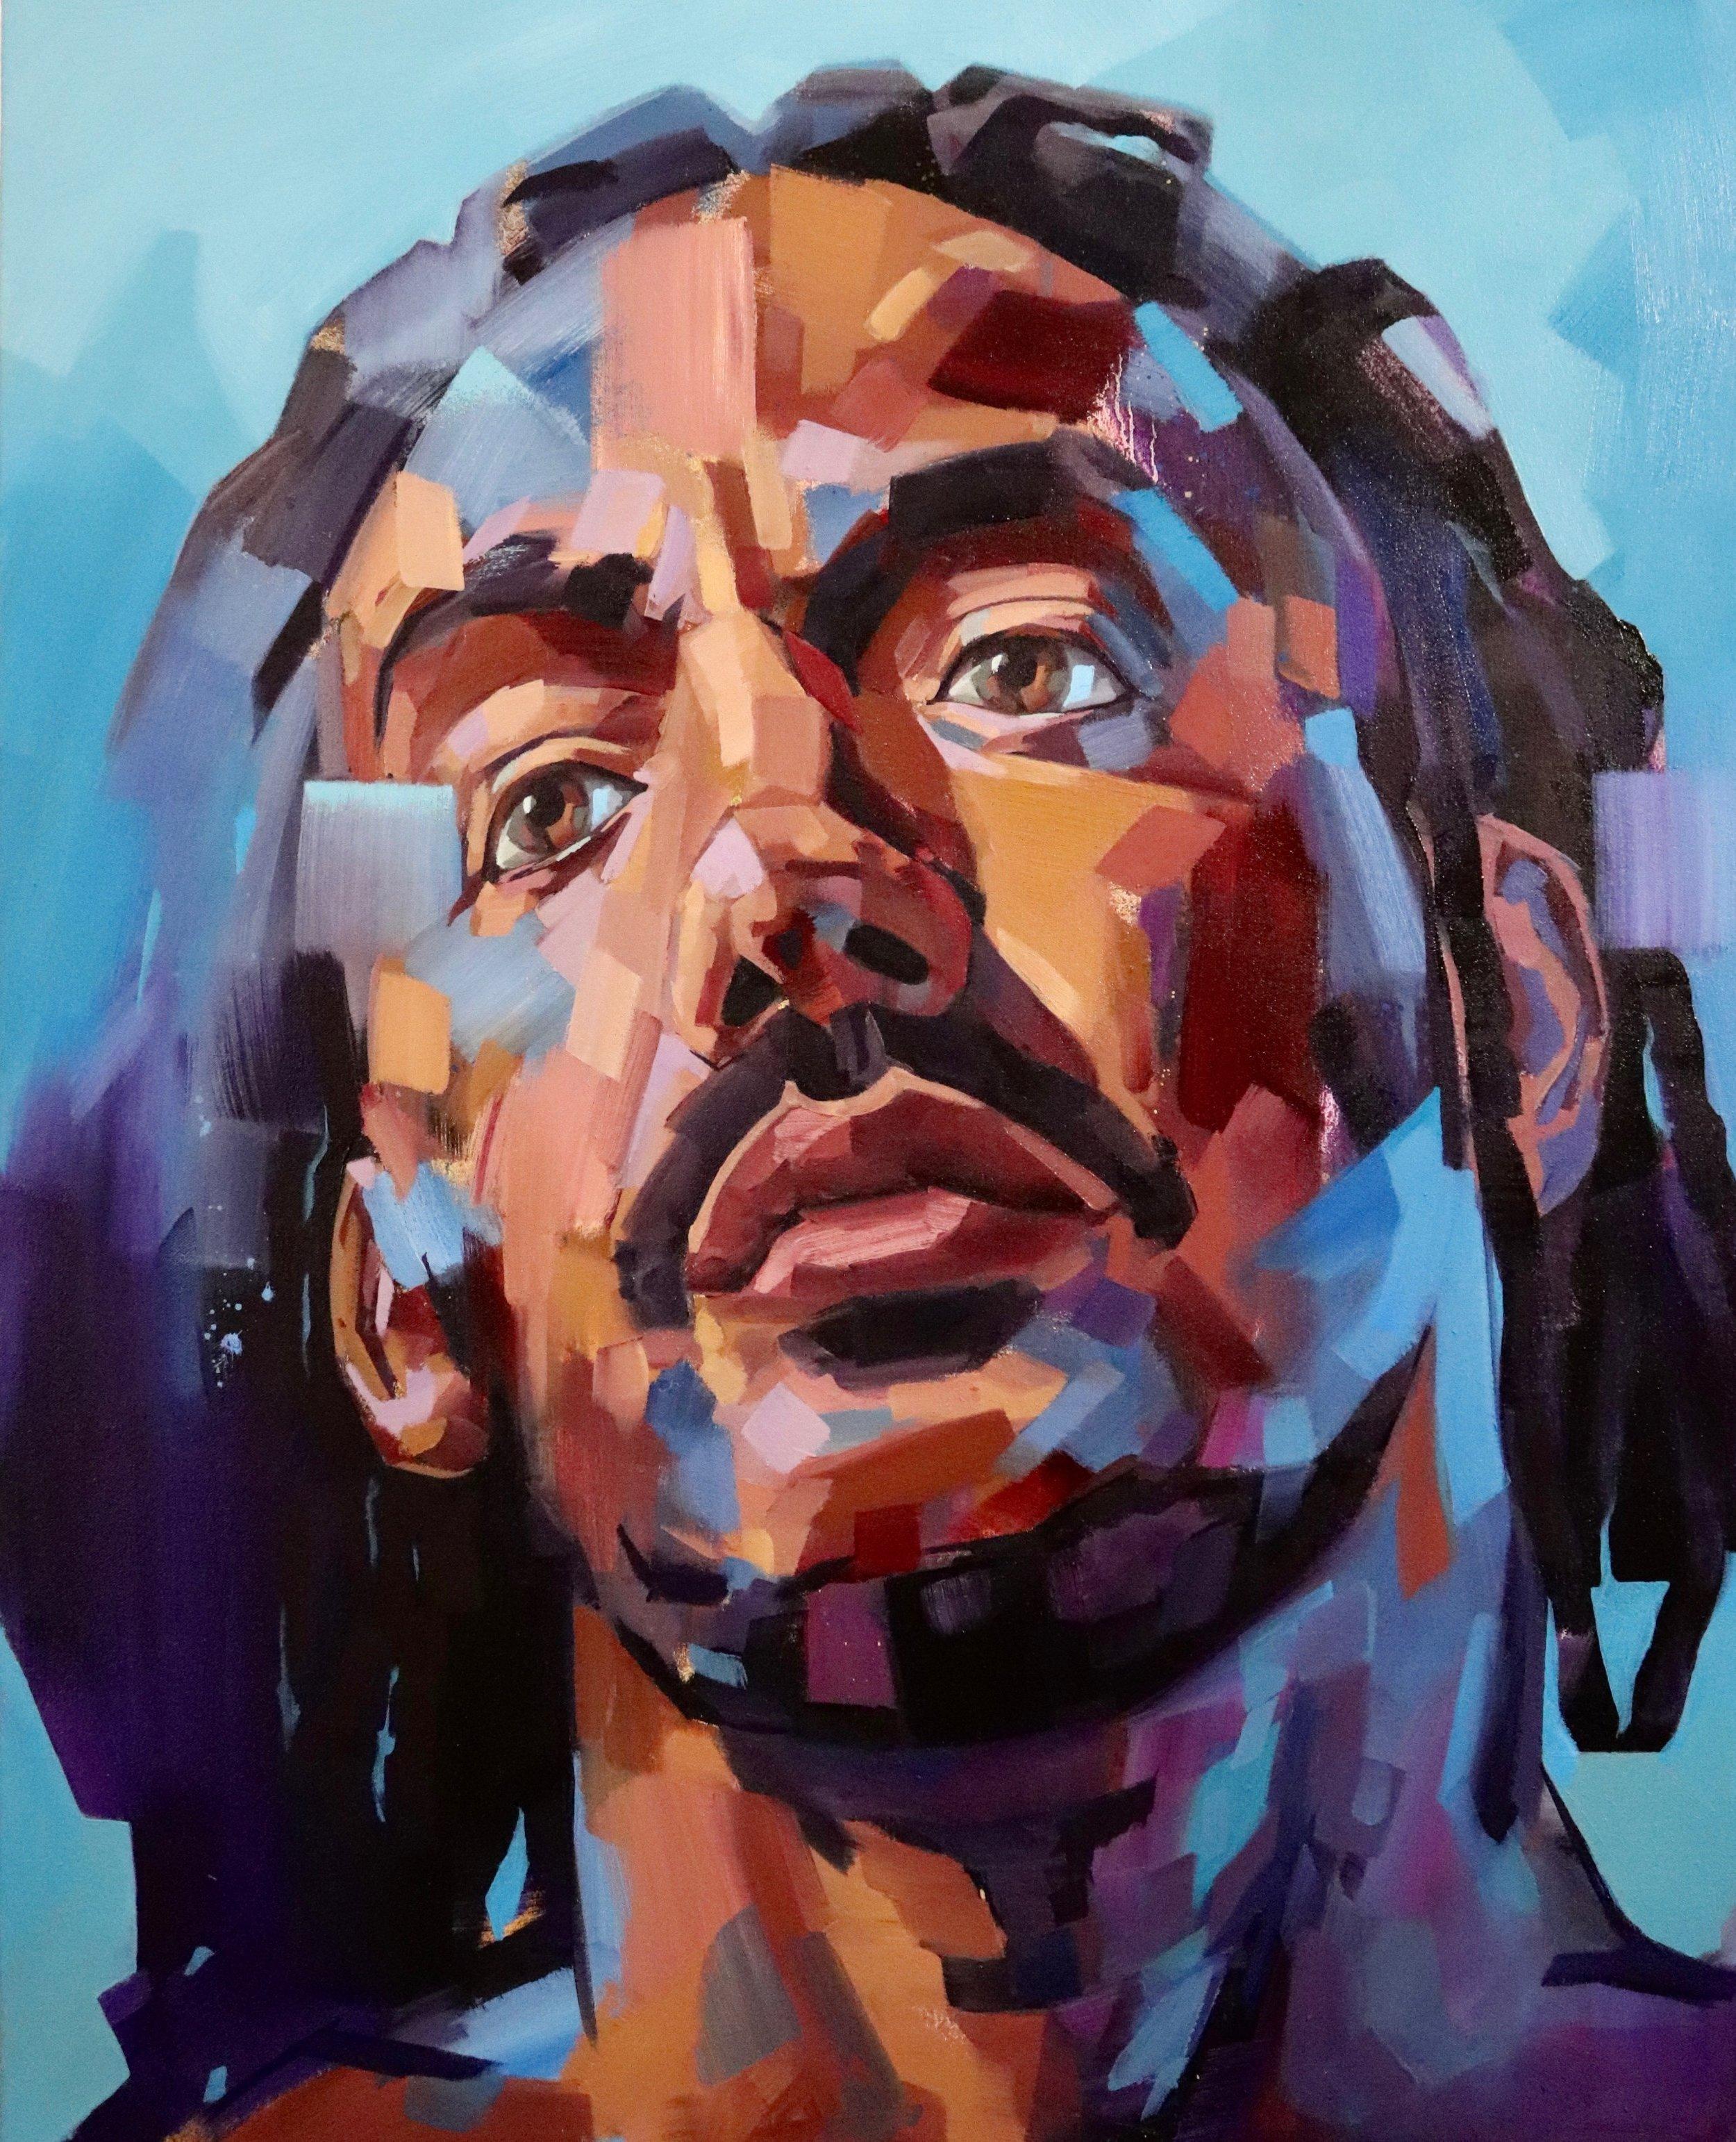 Family Man, 2018 | Oil on canvas | 80 x 100 cm | £1,800